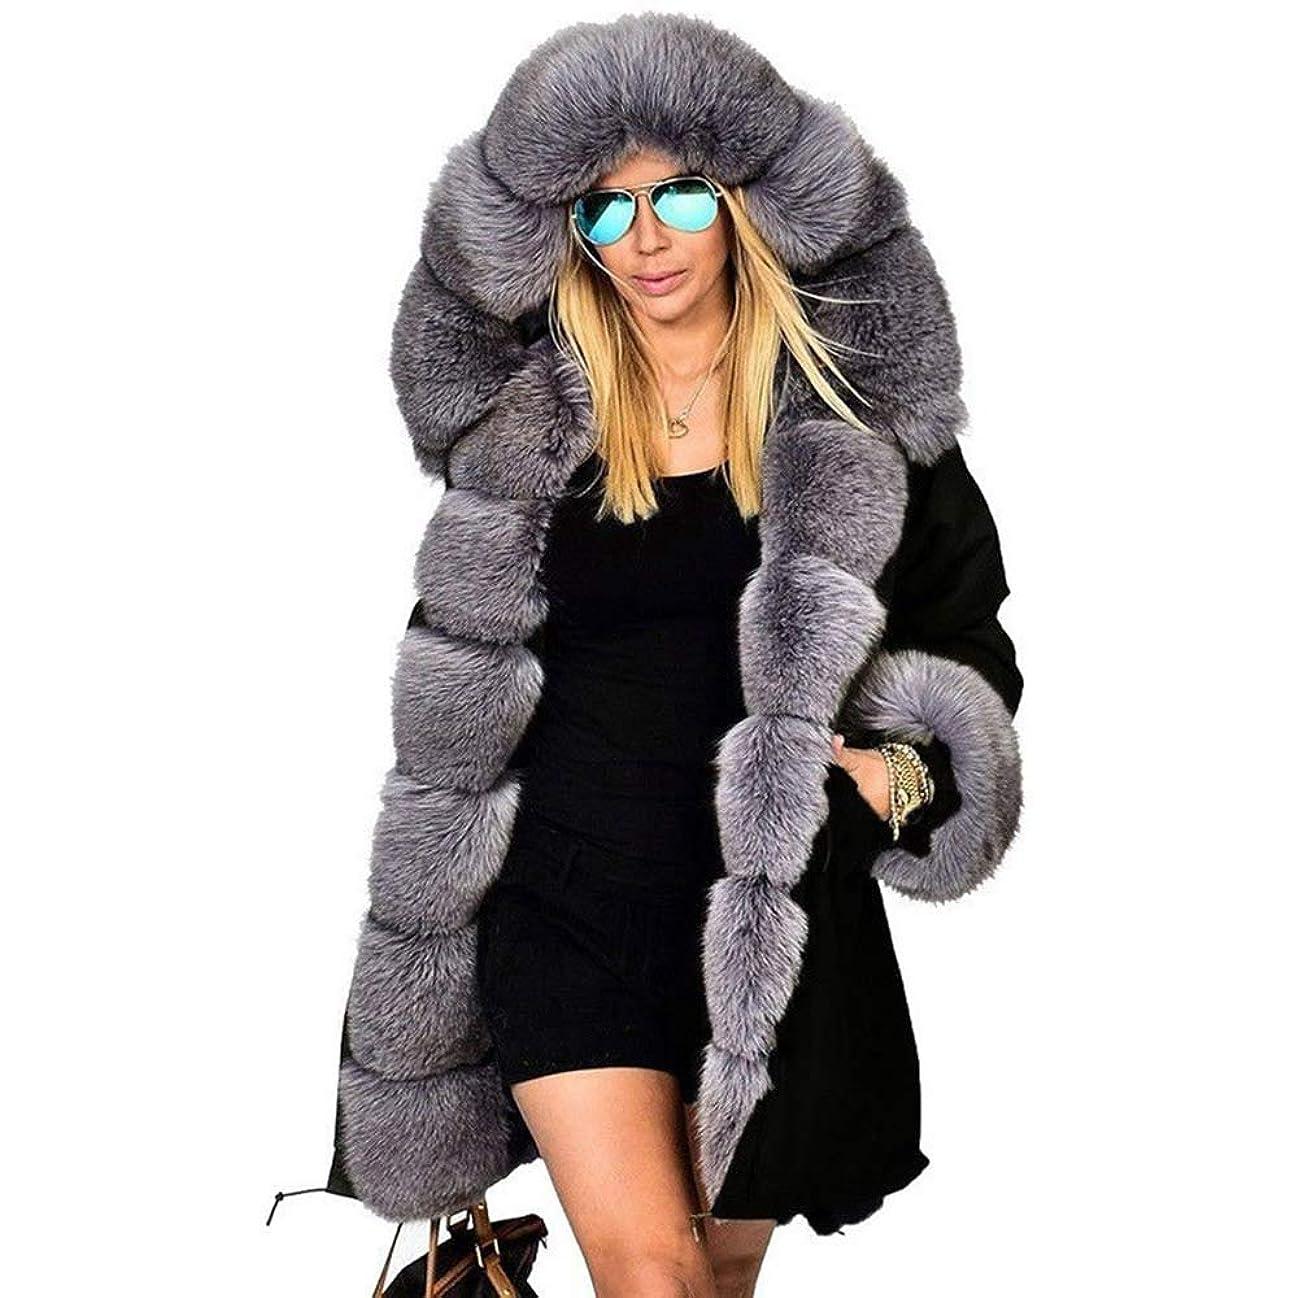 合成換気するボーダーファッションウィメンズジャケット女性ウォームコートフェイクファーコットンオーバーコート女性ロングフードコートパーカー,XXL